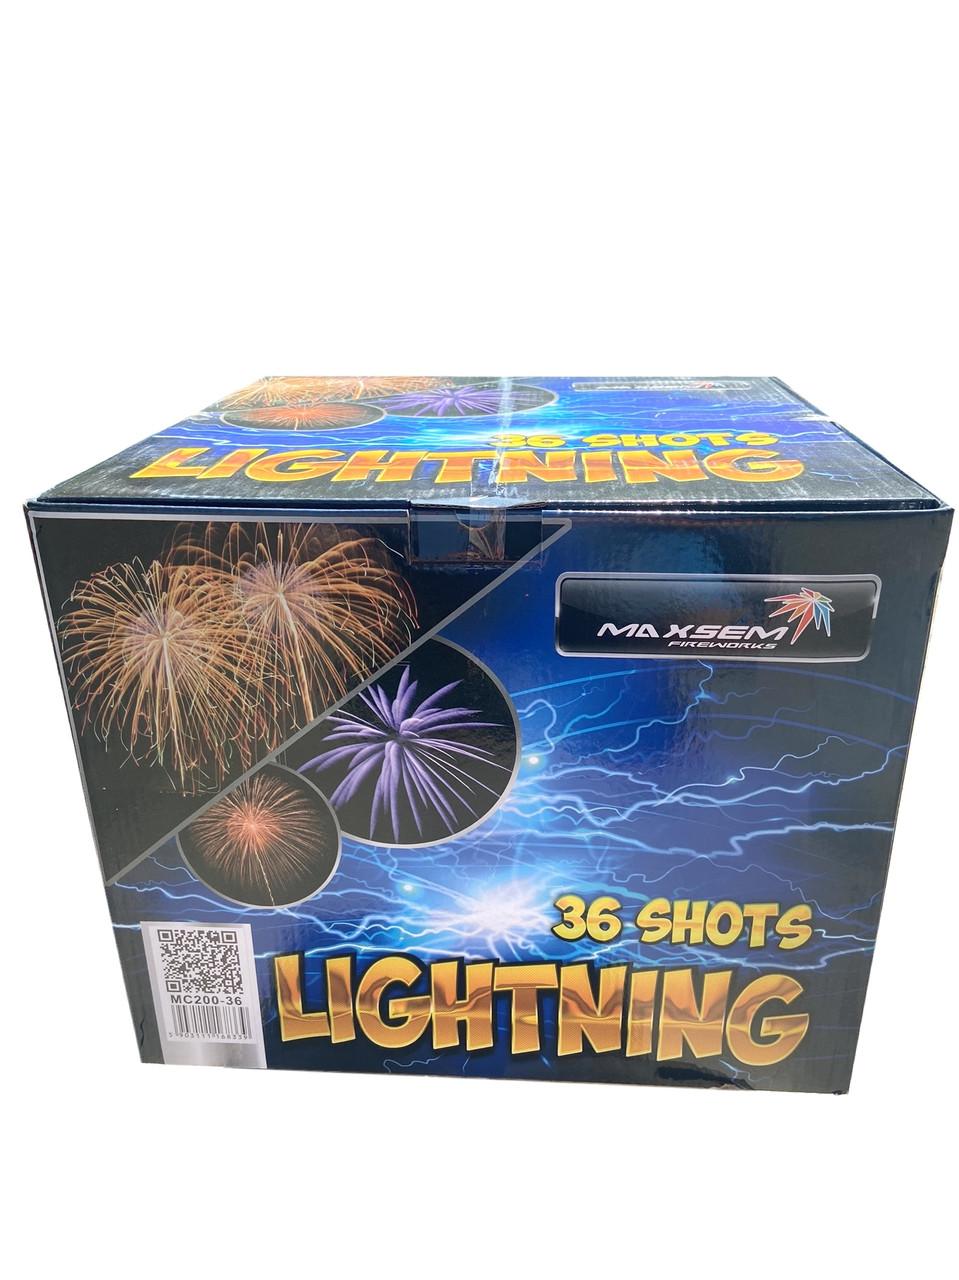 Салют Lightning Maxsem MC200-36, 36 пострілів 50 мм